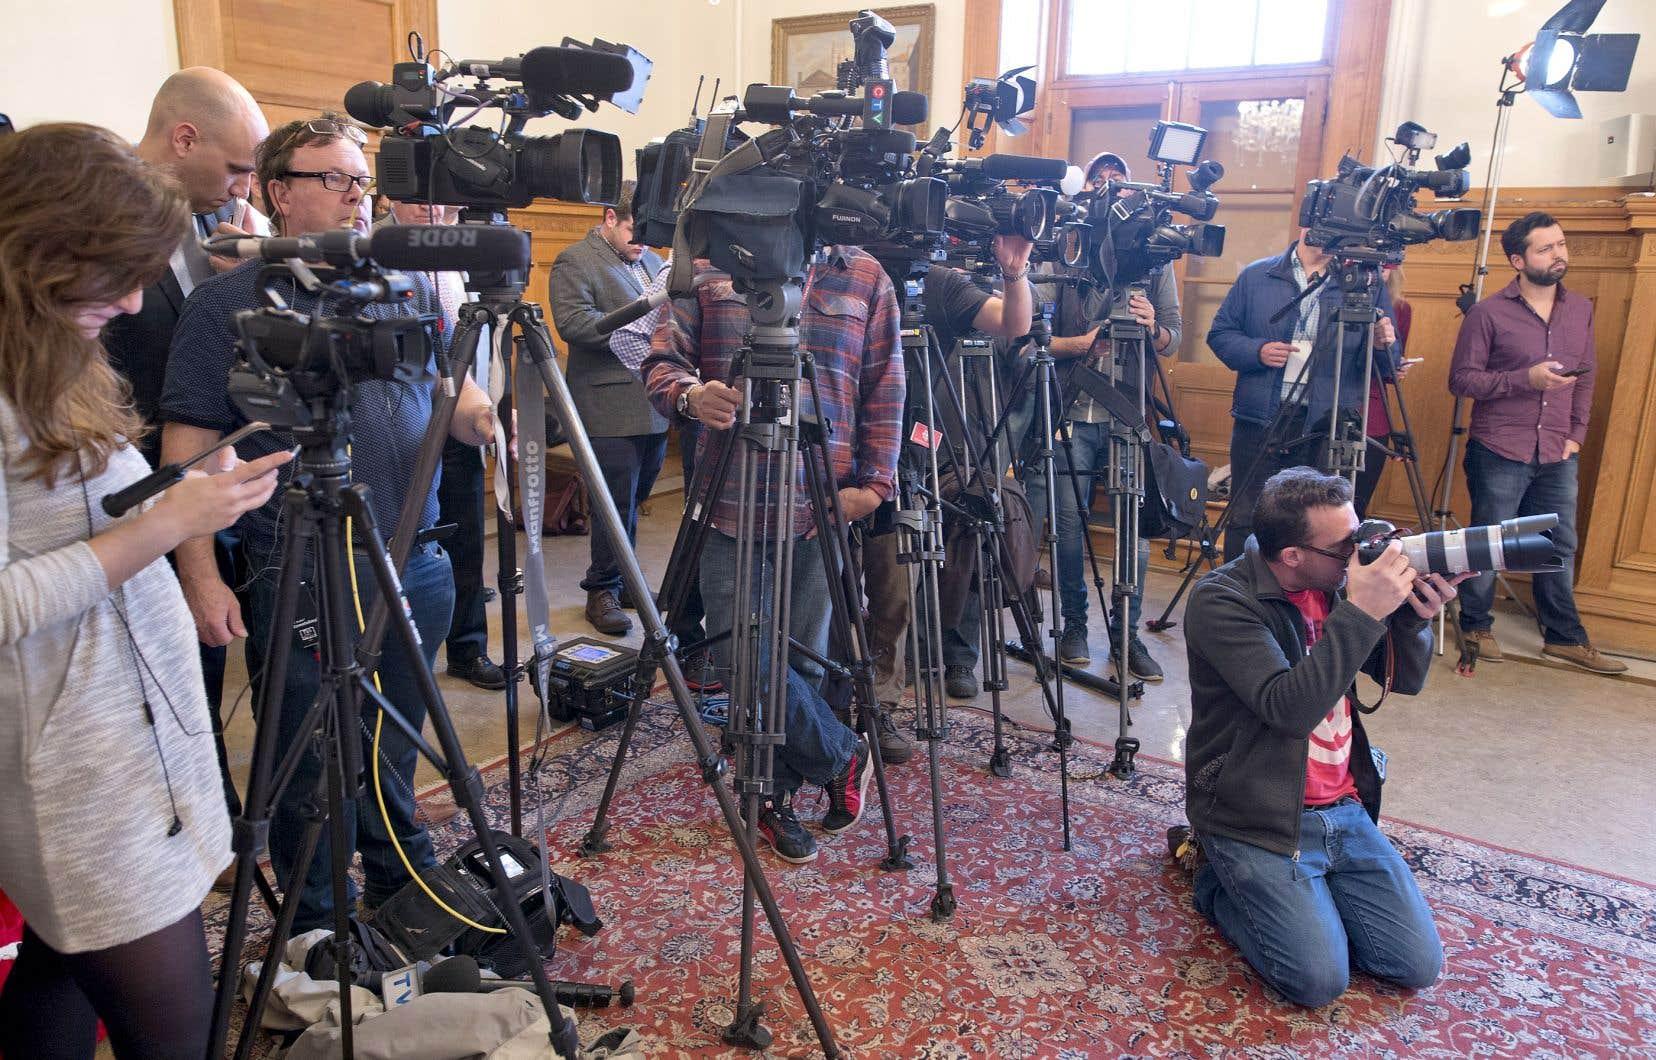 Qu'est-ce que le journalisme? Et qu'est-ce que le journalisme de qualité? Voilà les questions centrales auxquelles devra répondre le comité d'experts.